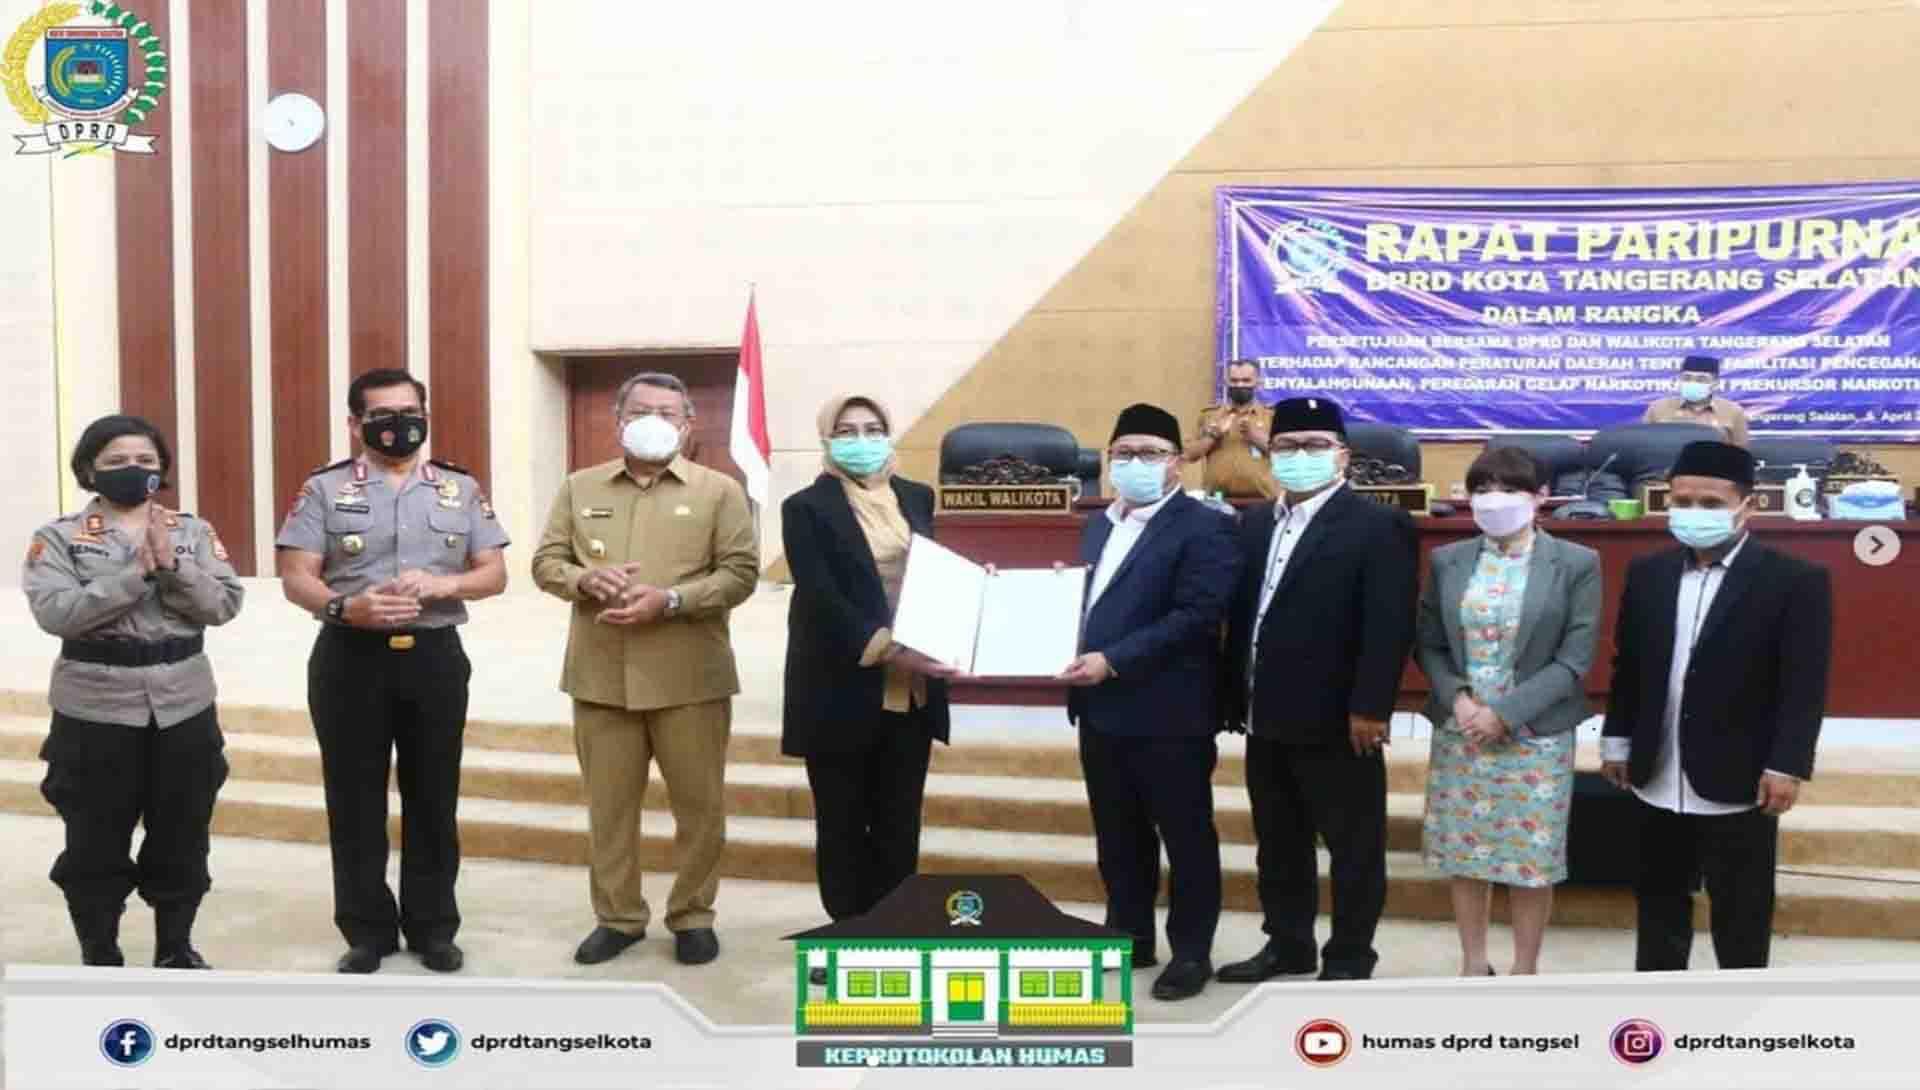 DPRD Kota Tangerang Selatan menggelar 3 (Tiga) Agenda Rapat Paripurna